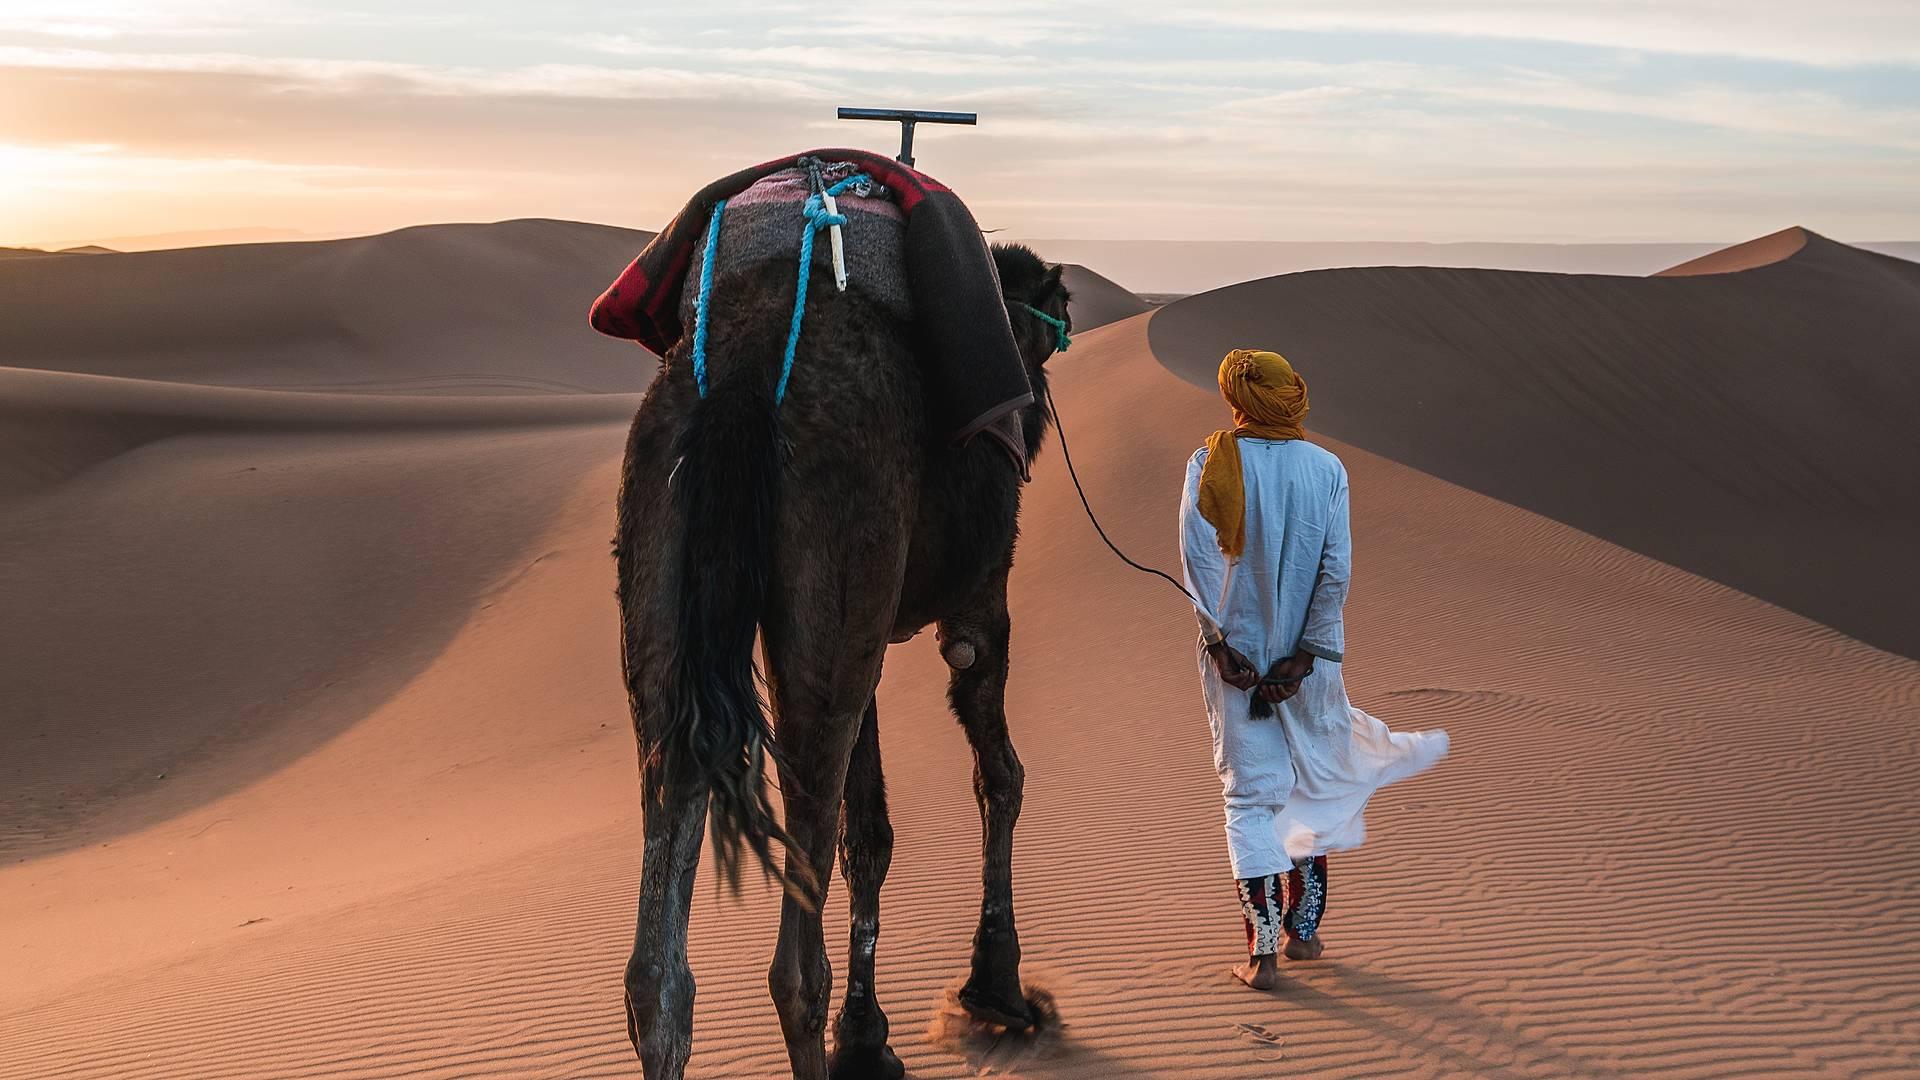 Le vie delle carovane: da Marrakech al Sahara